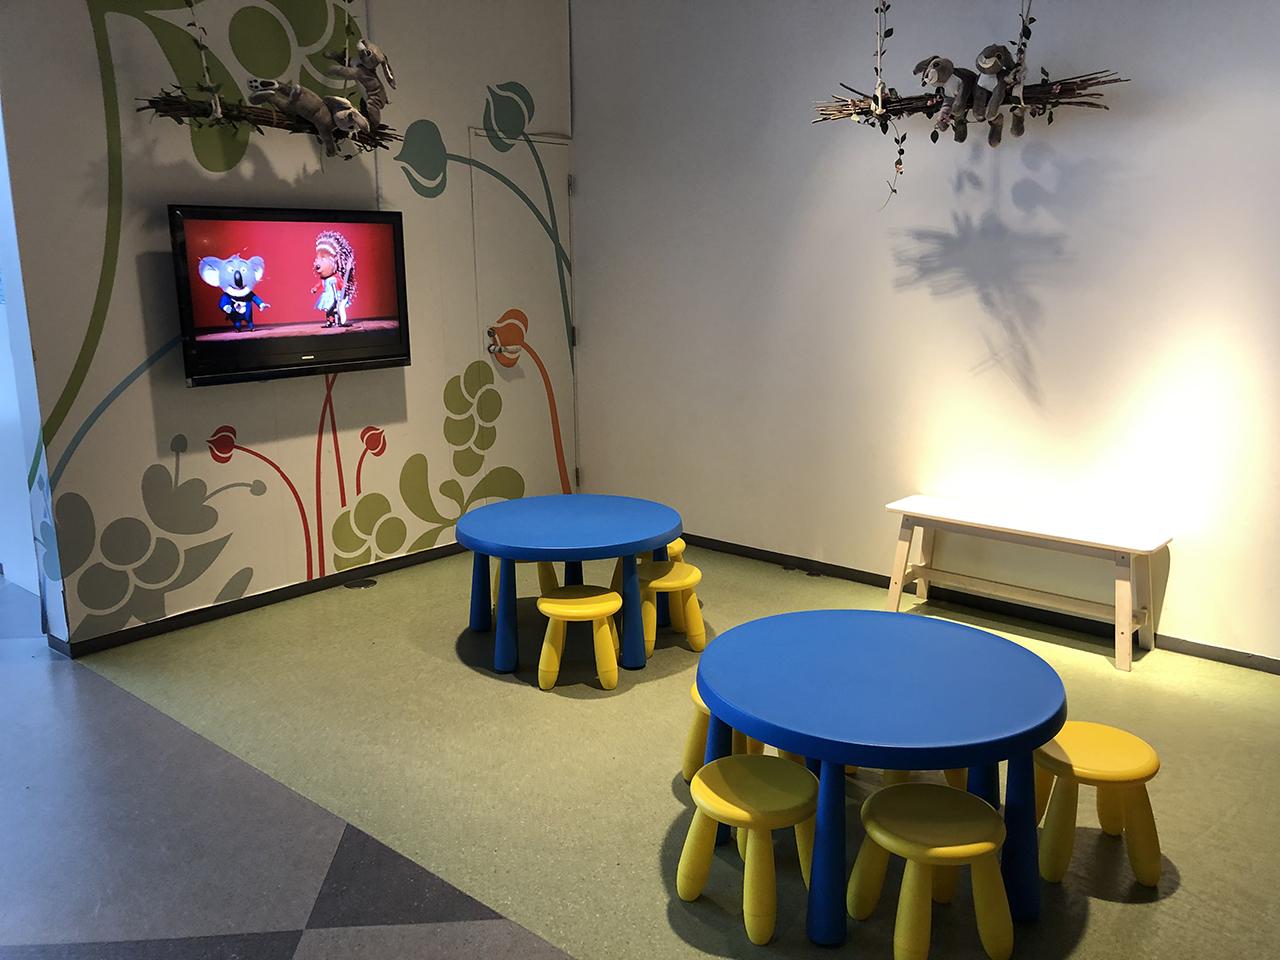 IKEAレストランのキッズスペースの写真